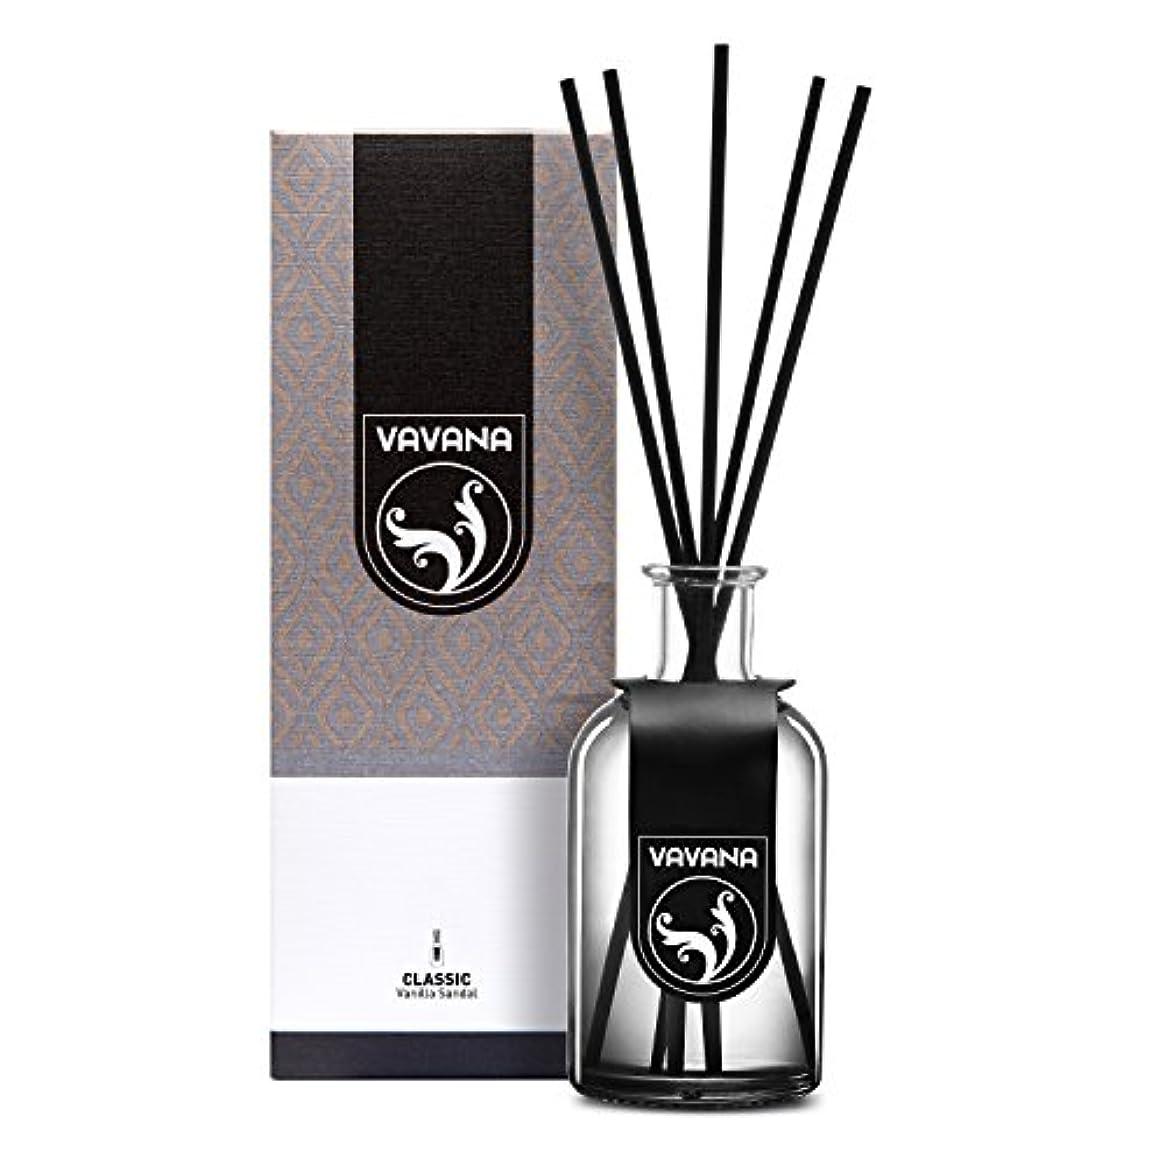 翻訳する最も遠い異常Vavana アロマセラピーディフューザースティック リードディフューザーセット アロマホームフレグランスセット エッセンシャルオイルディフューザースティック 天然の香りのオイルブレンド製